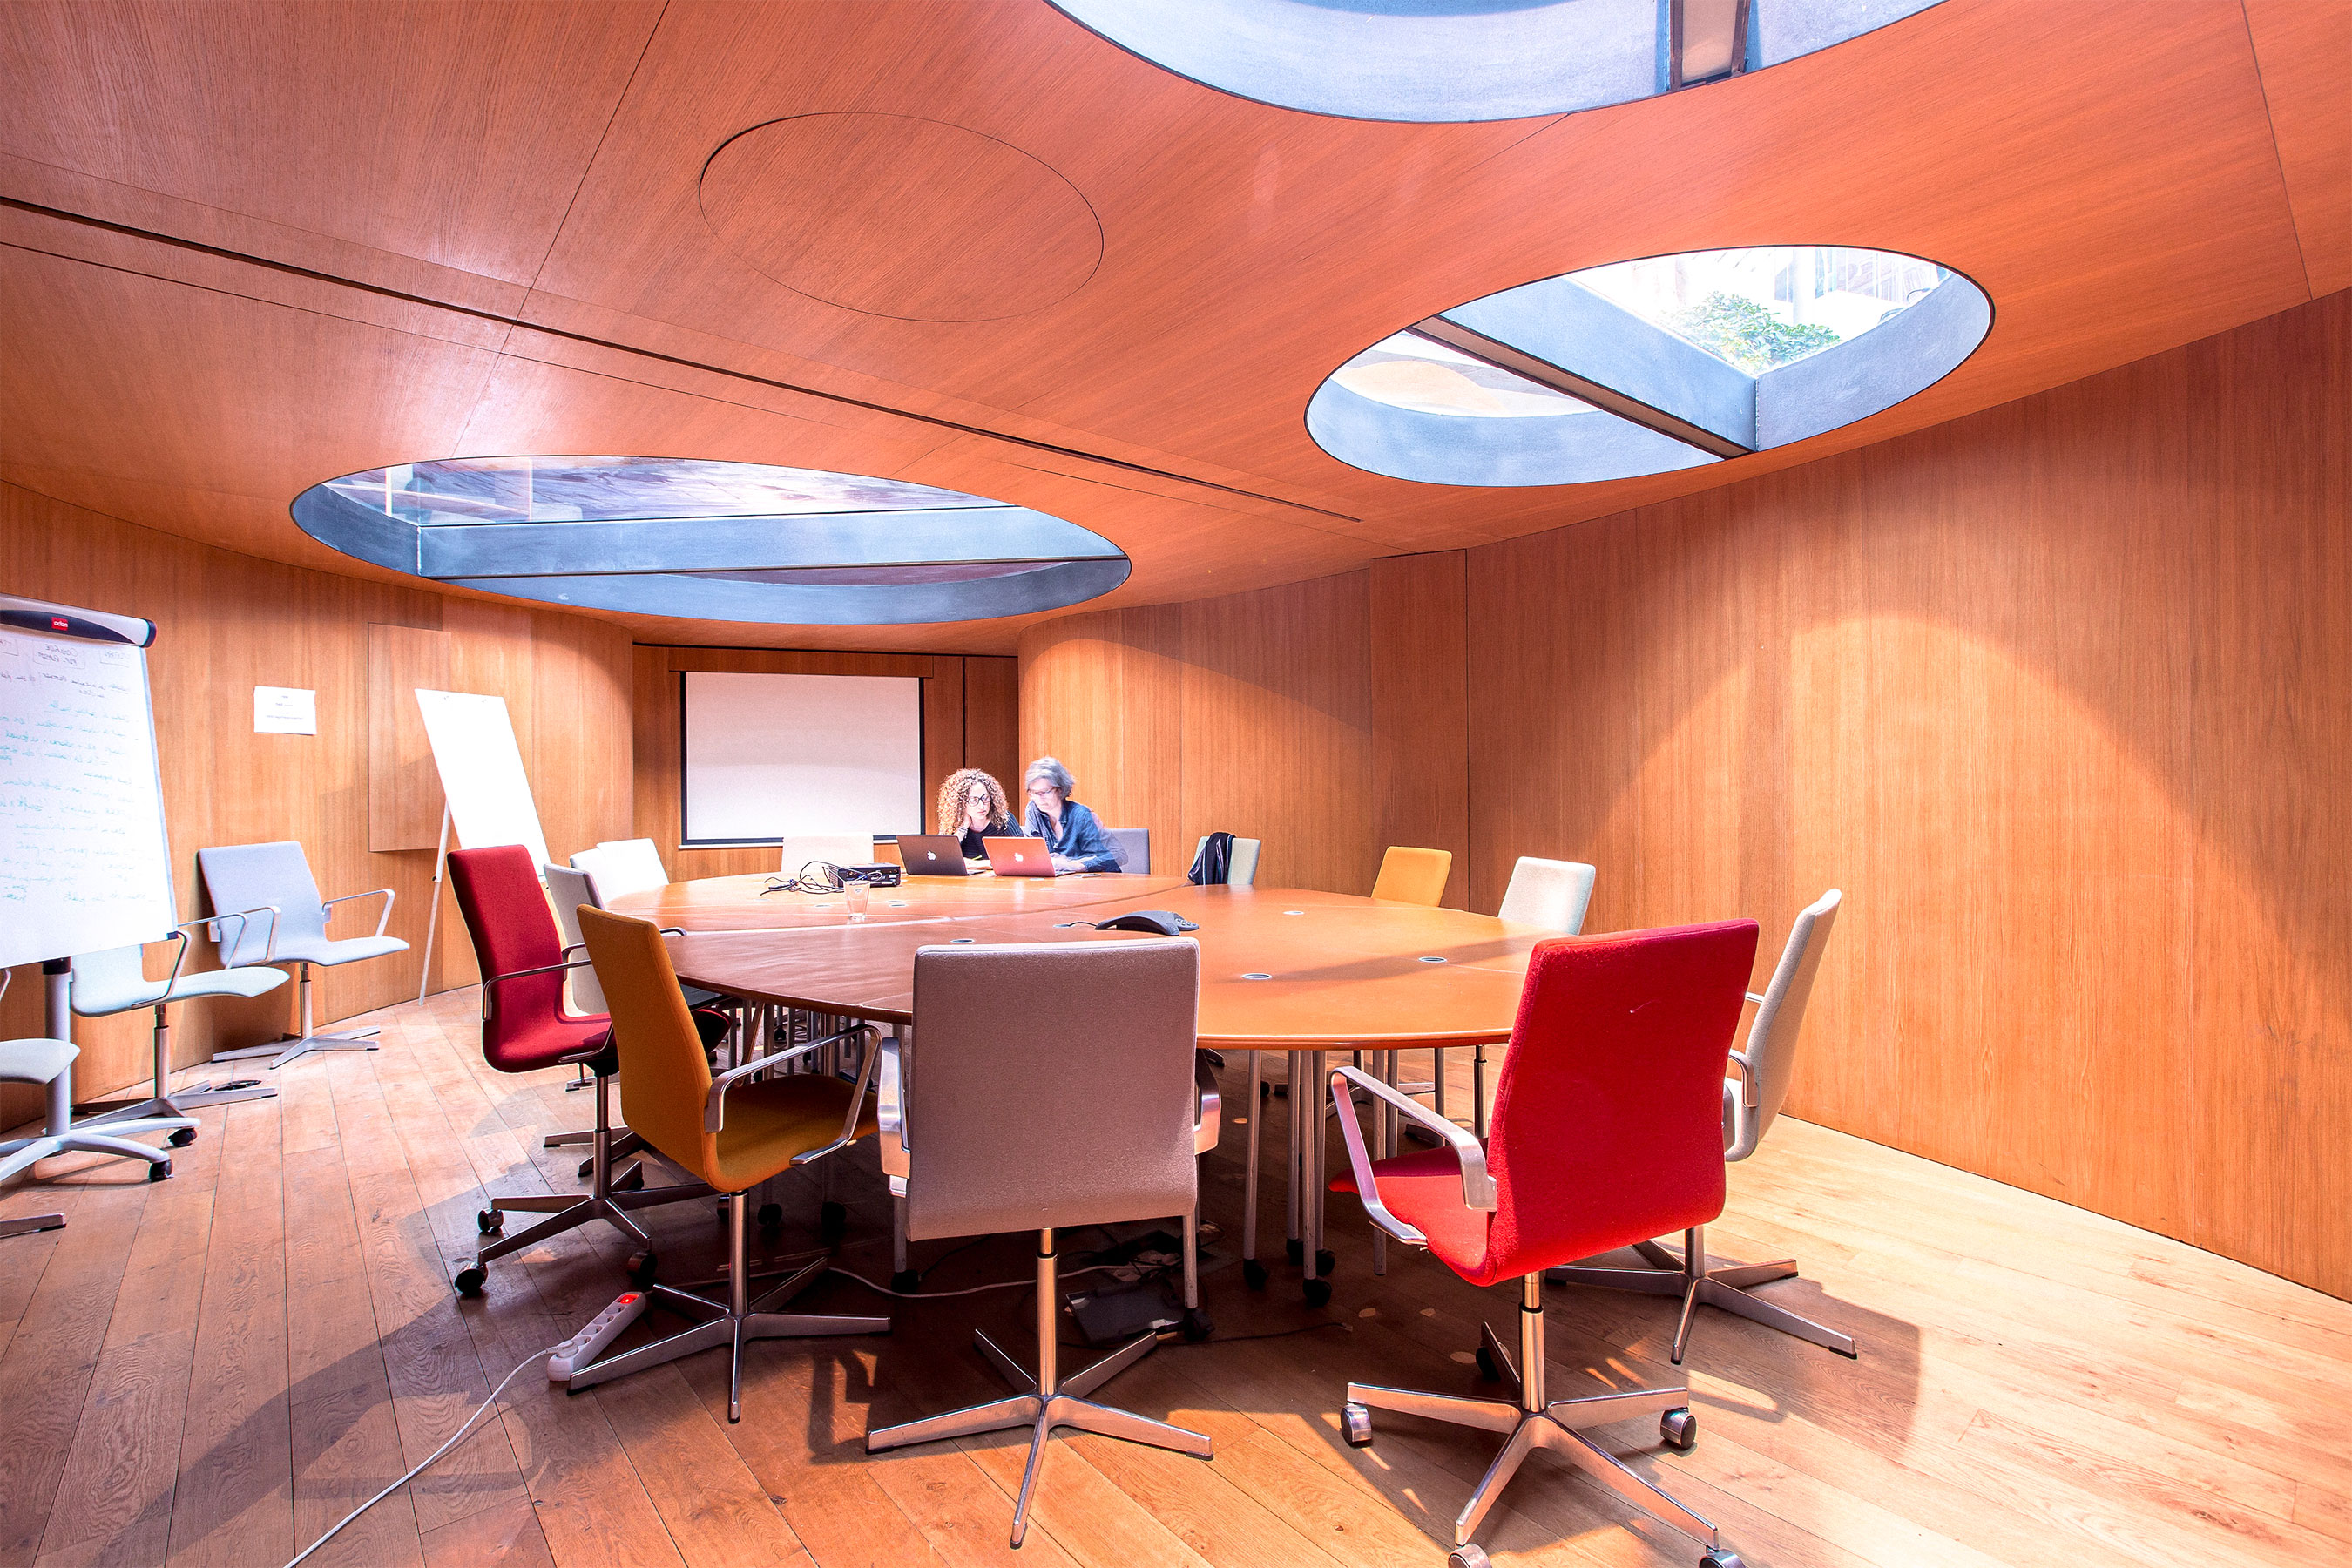 coworking stalingrad - salle de réunion